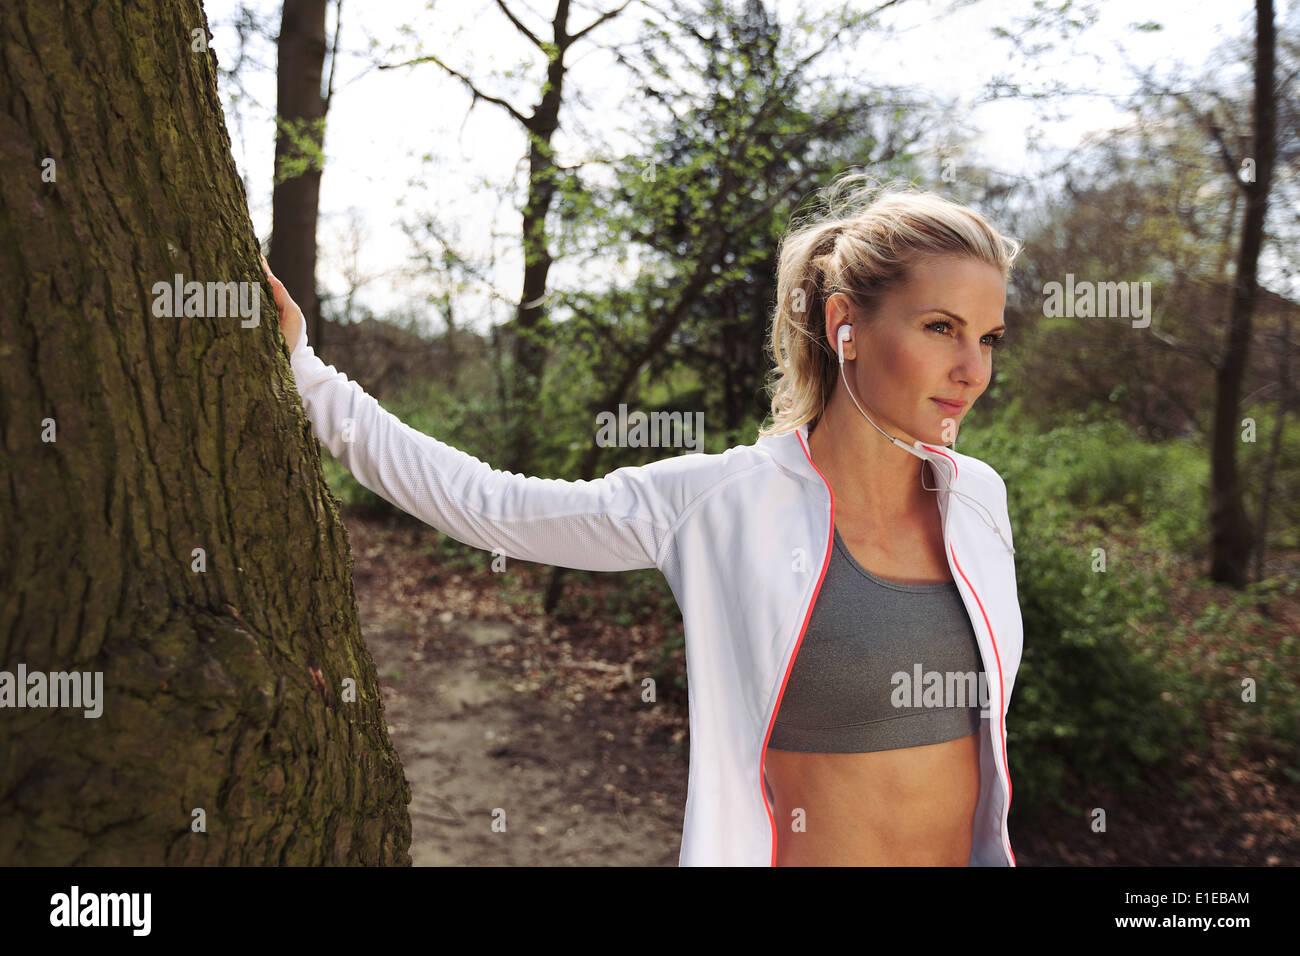 Montare femmina prendendo una pausa dopo aver eseguito sul sentiero forestale. Piuttosto giovane donna che indossa le cuffie elenco per musica e guardando lontano Immagini Stock